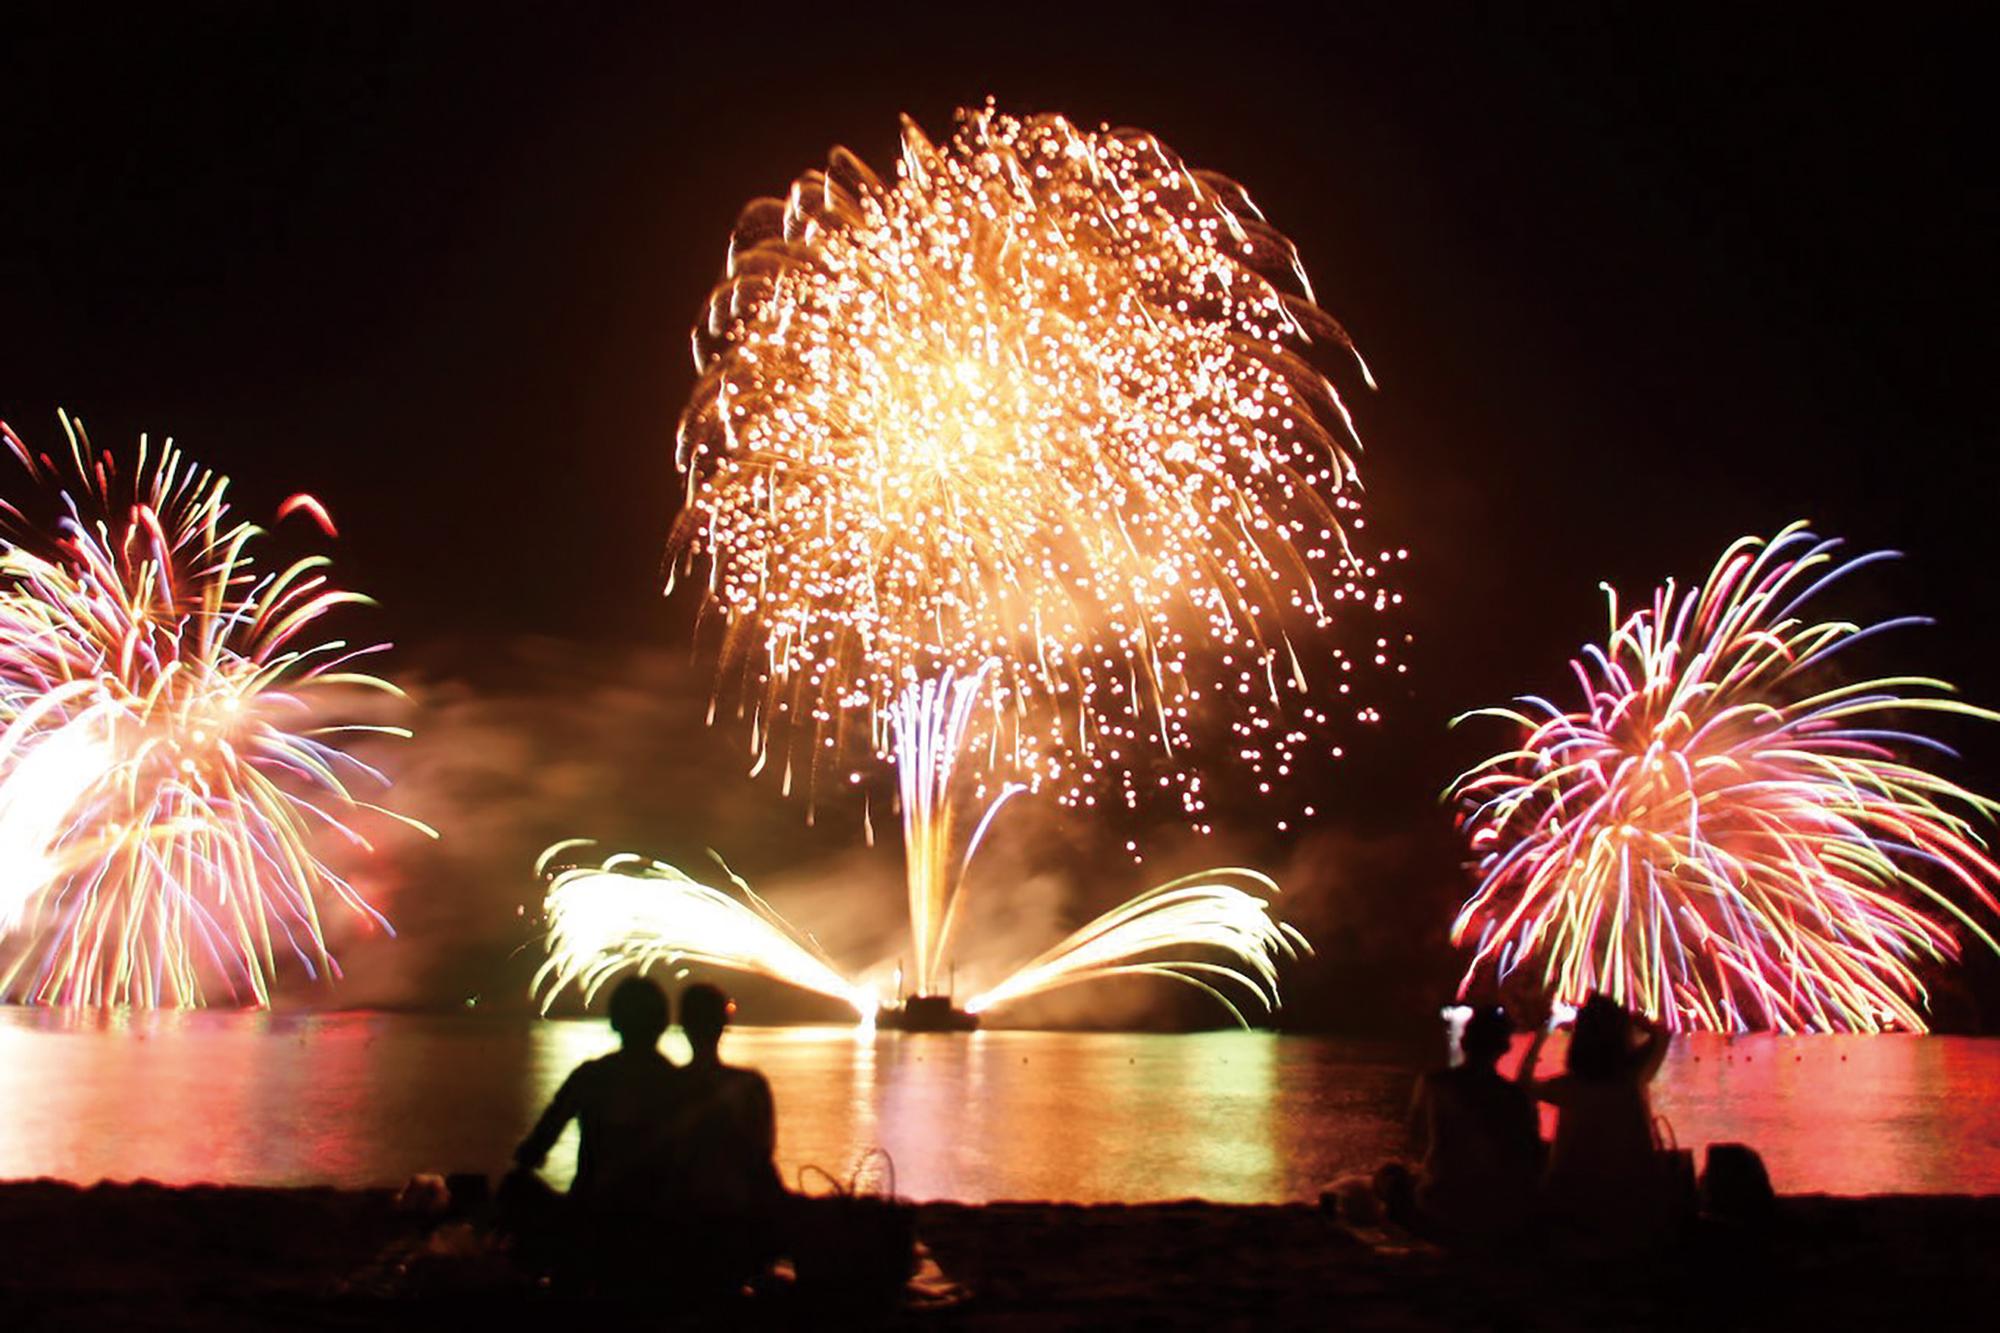 ドカ~ンと夏を楽しもう! 全力花火ガイド in 徳島 7月開催まとめ